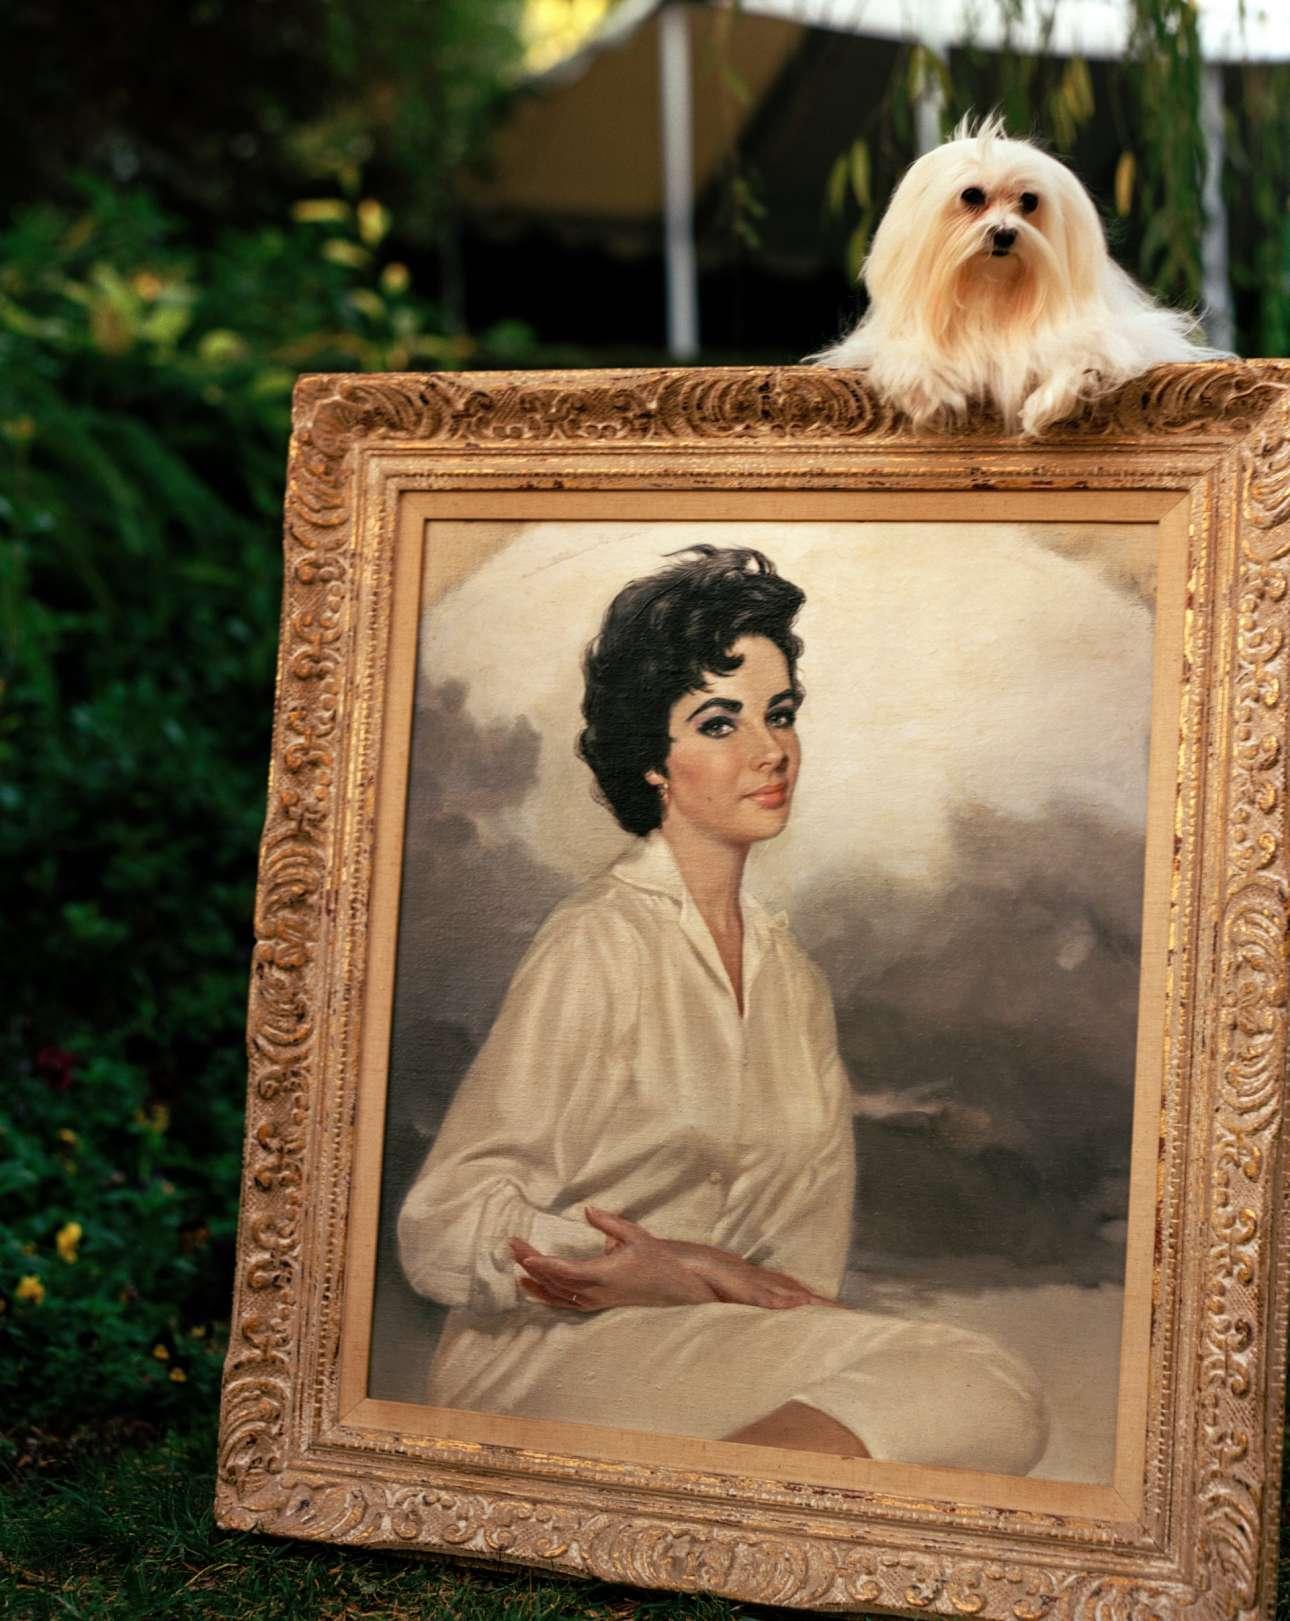 Καλιφόρνια, 2000: Η Σούγκαρ ποζάρει μαζί με ένα πορτρέτο της αγαπημένης της Ελίζαμπεθ Τέιλορ